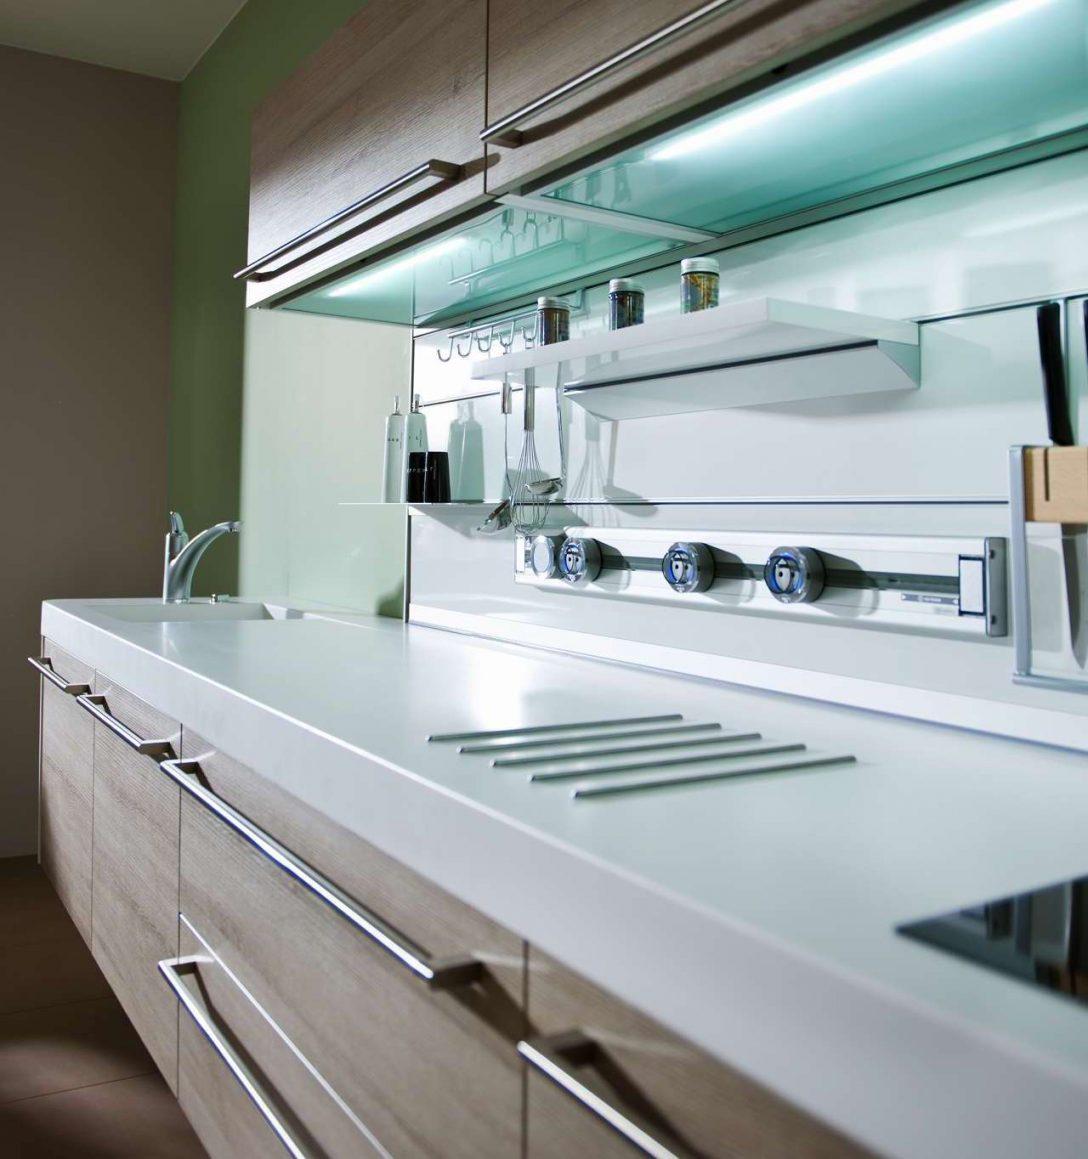 Large Size of Rückwand Küche Folie Nischenrückwand Küche Weiß Video Küchenrückwand Rückwand Küche Poco Küche Nischenrückwand Küche